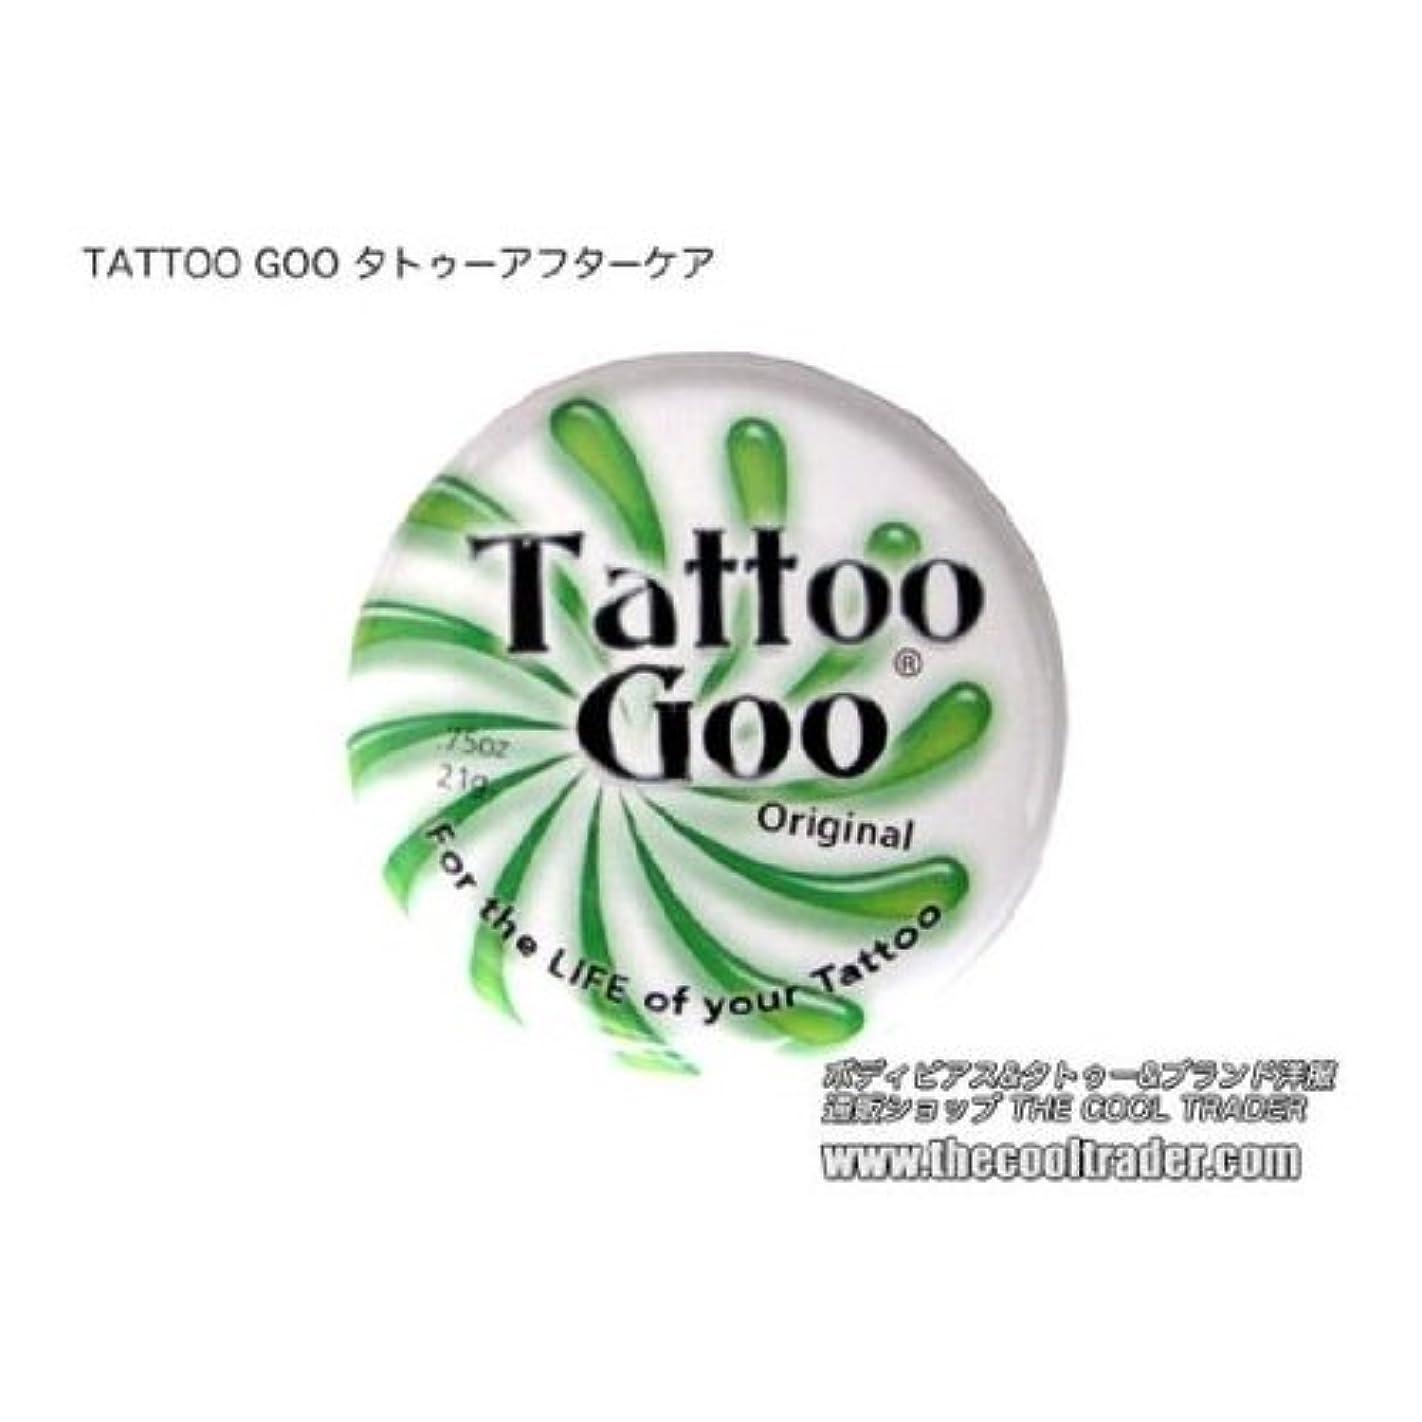 カンガルー気難しい別のTATTOO GOO タトゥー&ボディピアス専用アフターケア 軟膏クリーム オリジナル